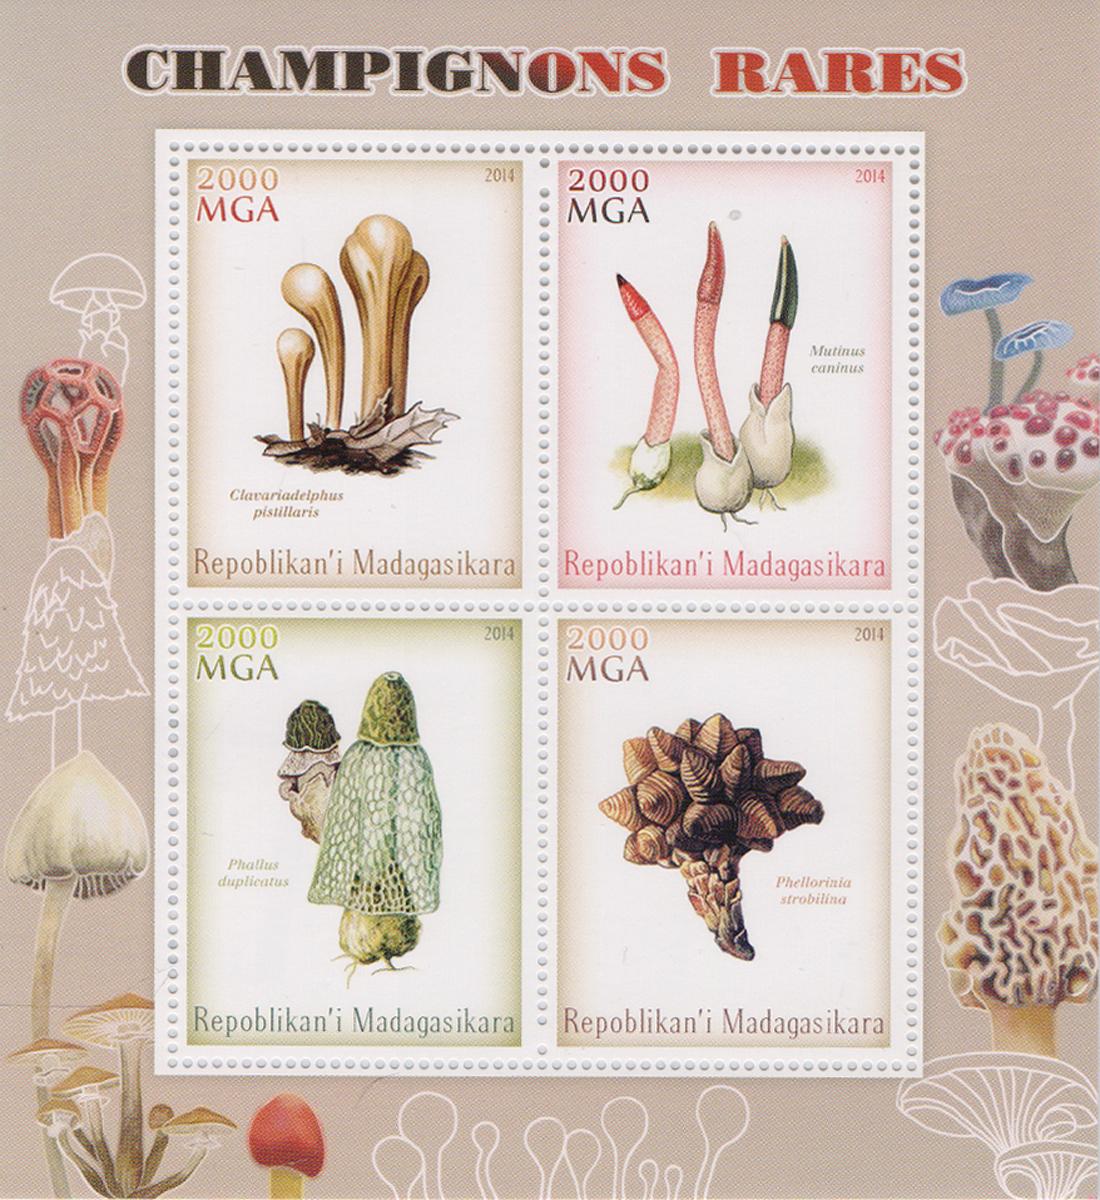 Почтовый блок на 4 марки Редкие грибы. Мадагаскар, 2014 годМКСПБ 38-2016.49Почтовый блок на 4 марки Редкие грибы. Мадагаскар, 2014 год. Размер блока: 11.2 х 12 см. Размер марок: 3.7 х 4.7 см. Сохранность хорошая.